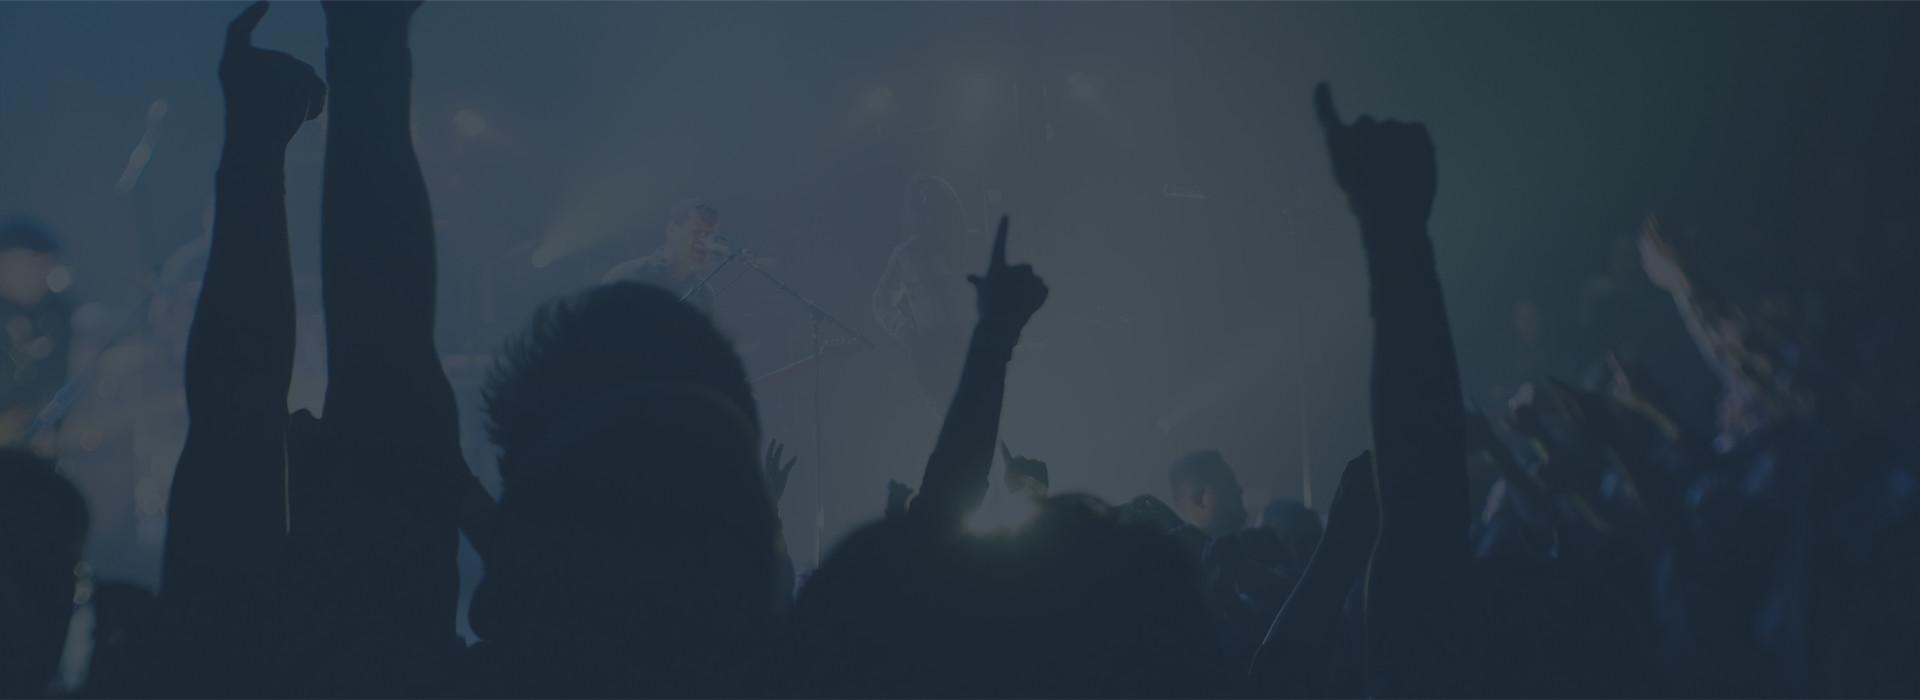 Koncerty - Imprezy firmowe - Pikniki - FeSTIWALE - Konferencje - IMPREZY BRANŻOWE